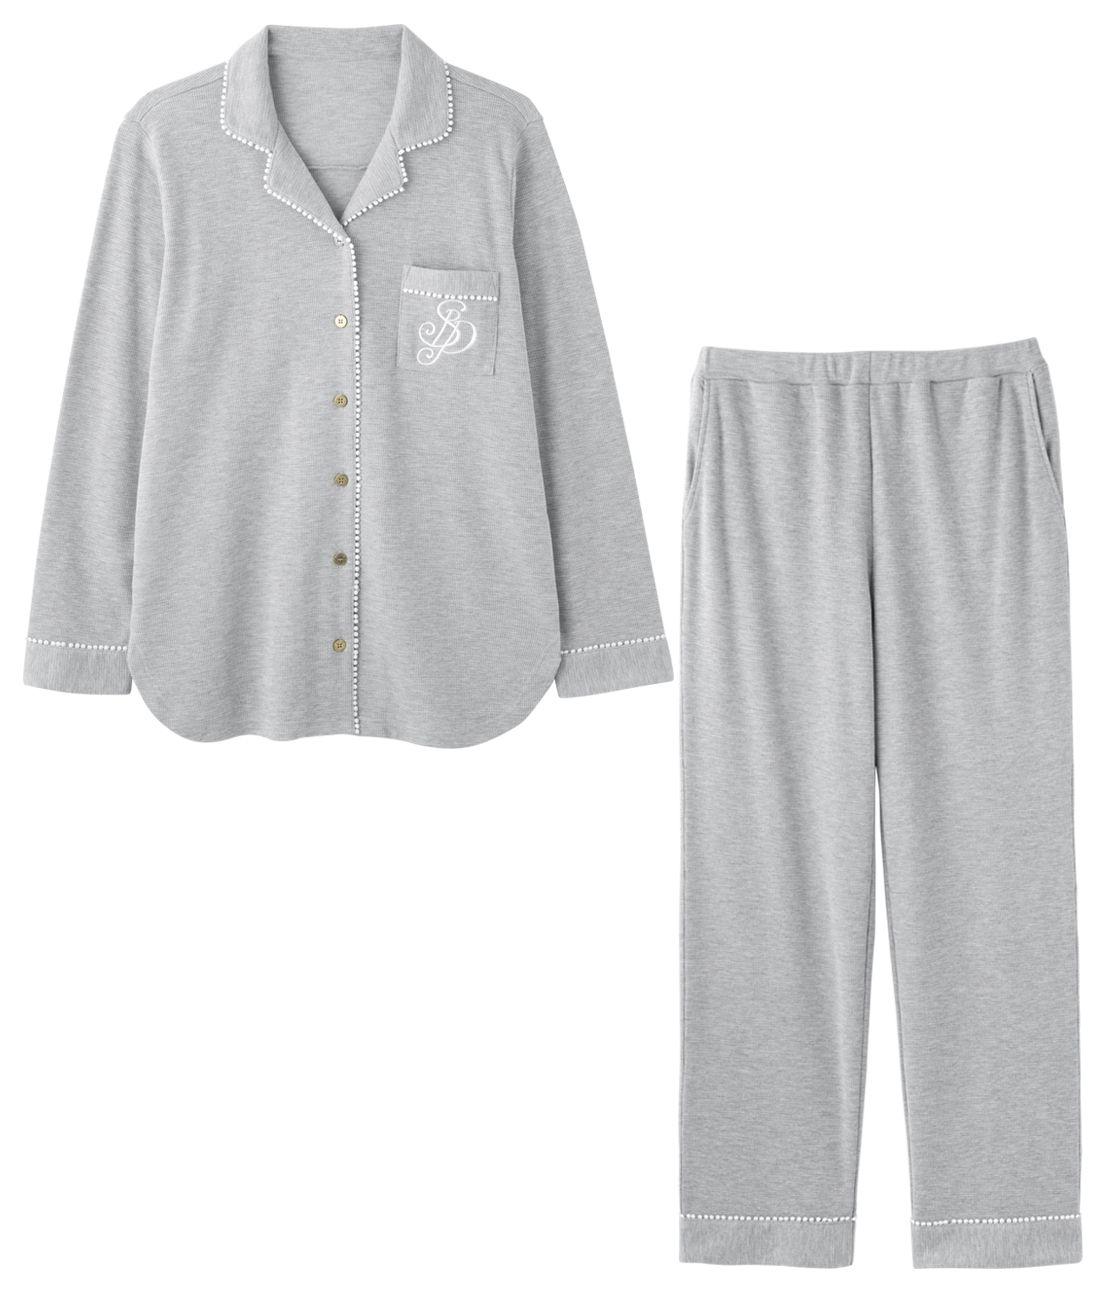 軟件熱襯衣睡衣